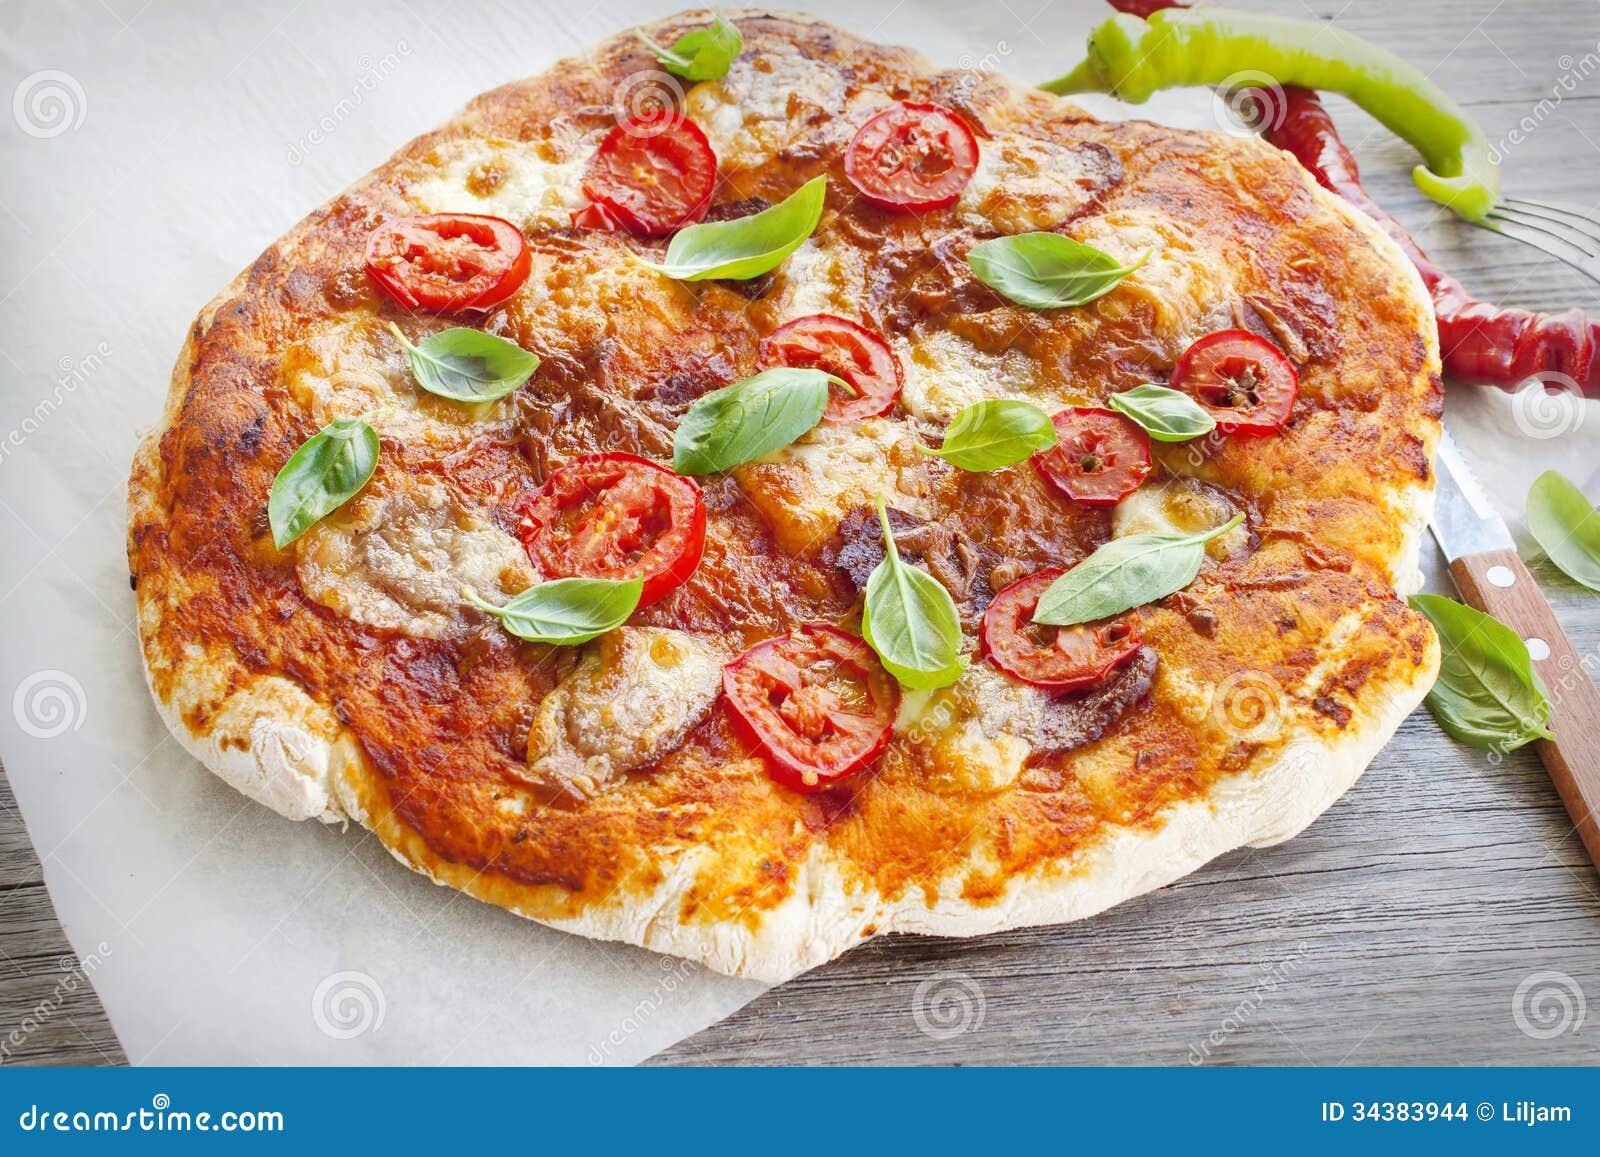 Pizza Avec Le Salami Et Basilic Fait Maison Images stock - Image: 34383944